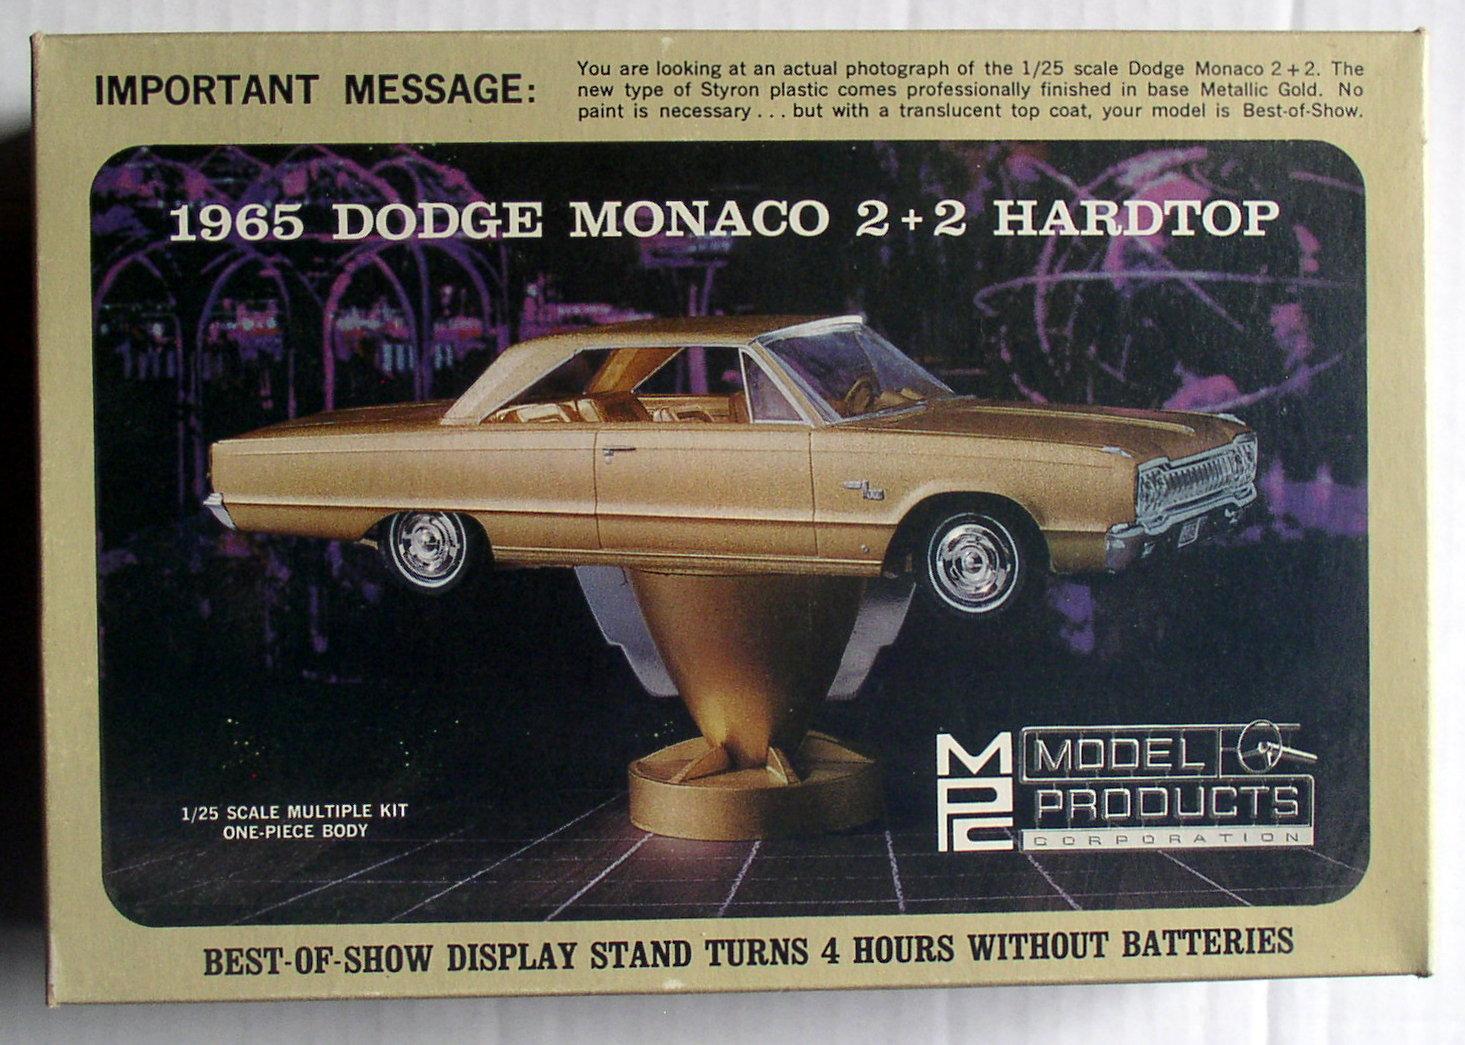 MPC Model Products 3-200 1/25 Scale 1965 Dodge Monaco 2+2 ...